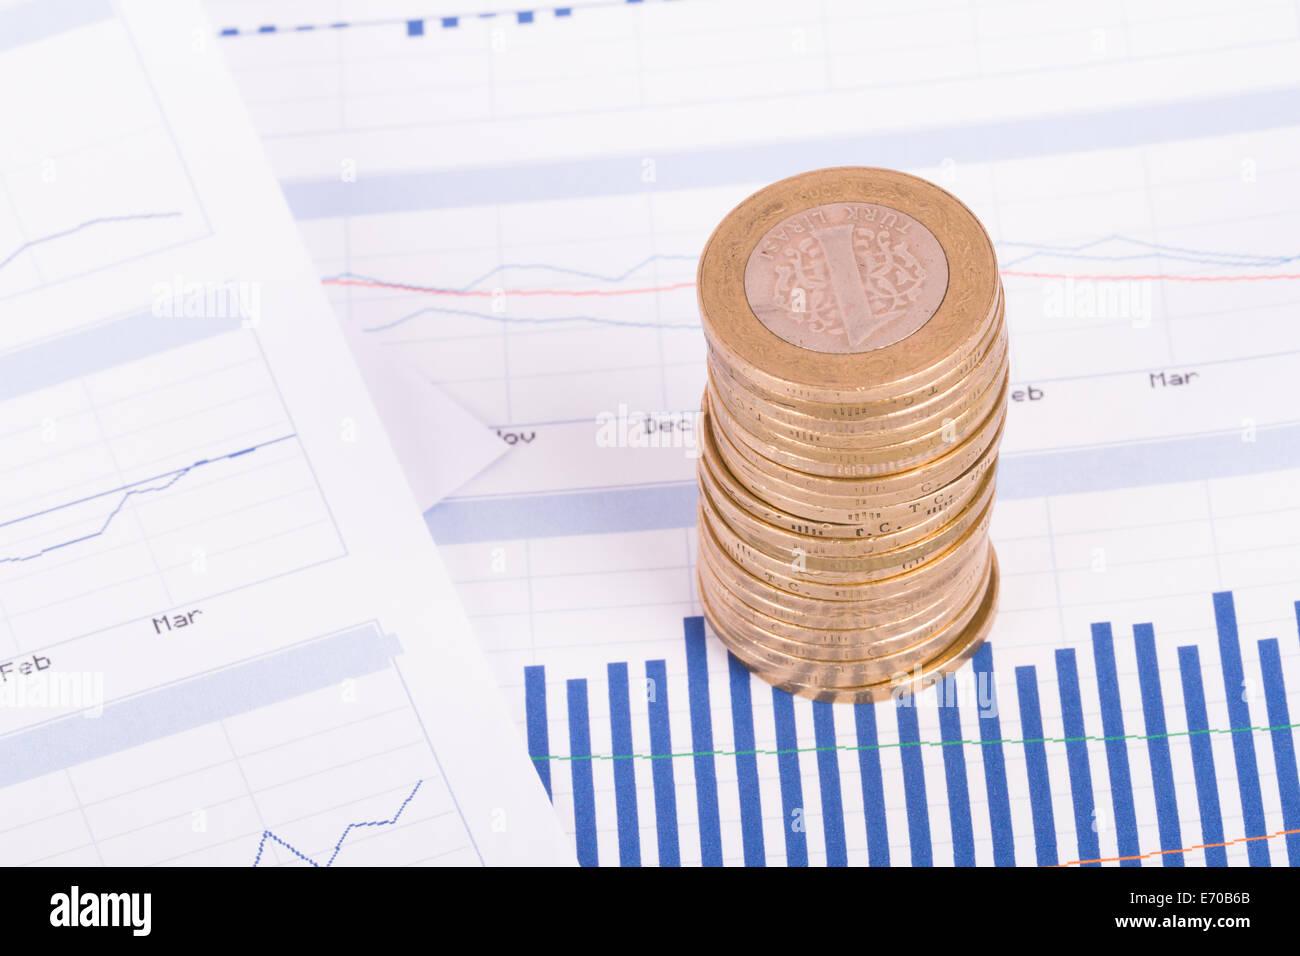 Monete su grafico i grafici e le analisi di dati finanziari. Immagini Stock